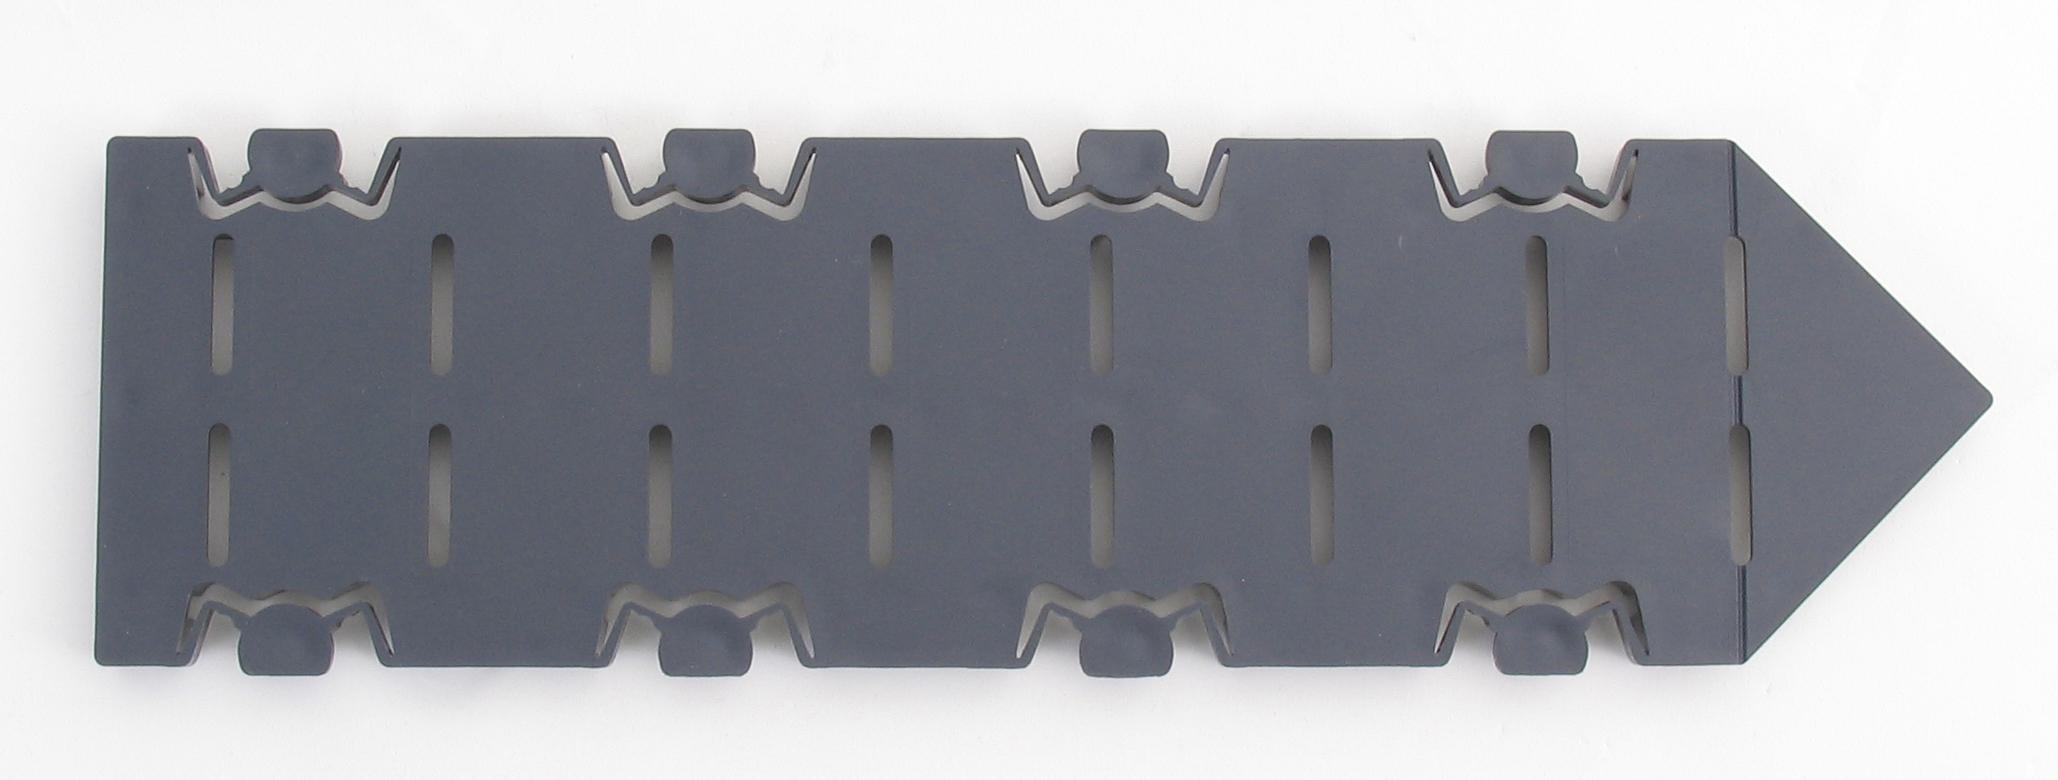 Inredning ljudisolering vägg : Bergo Excellence - Bergo Flooring